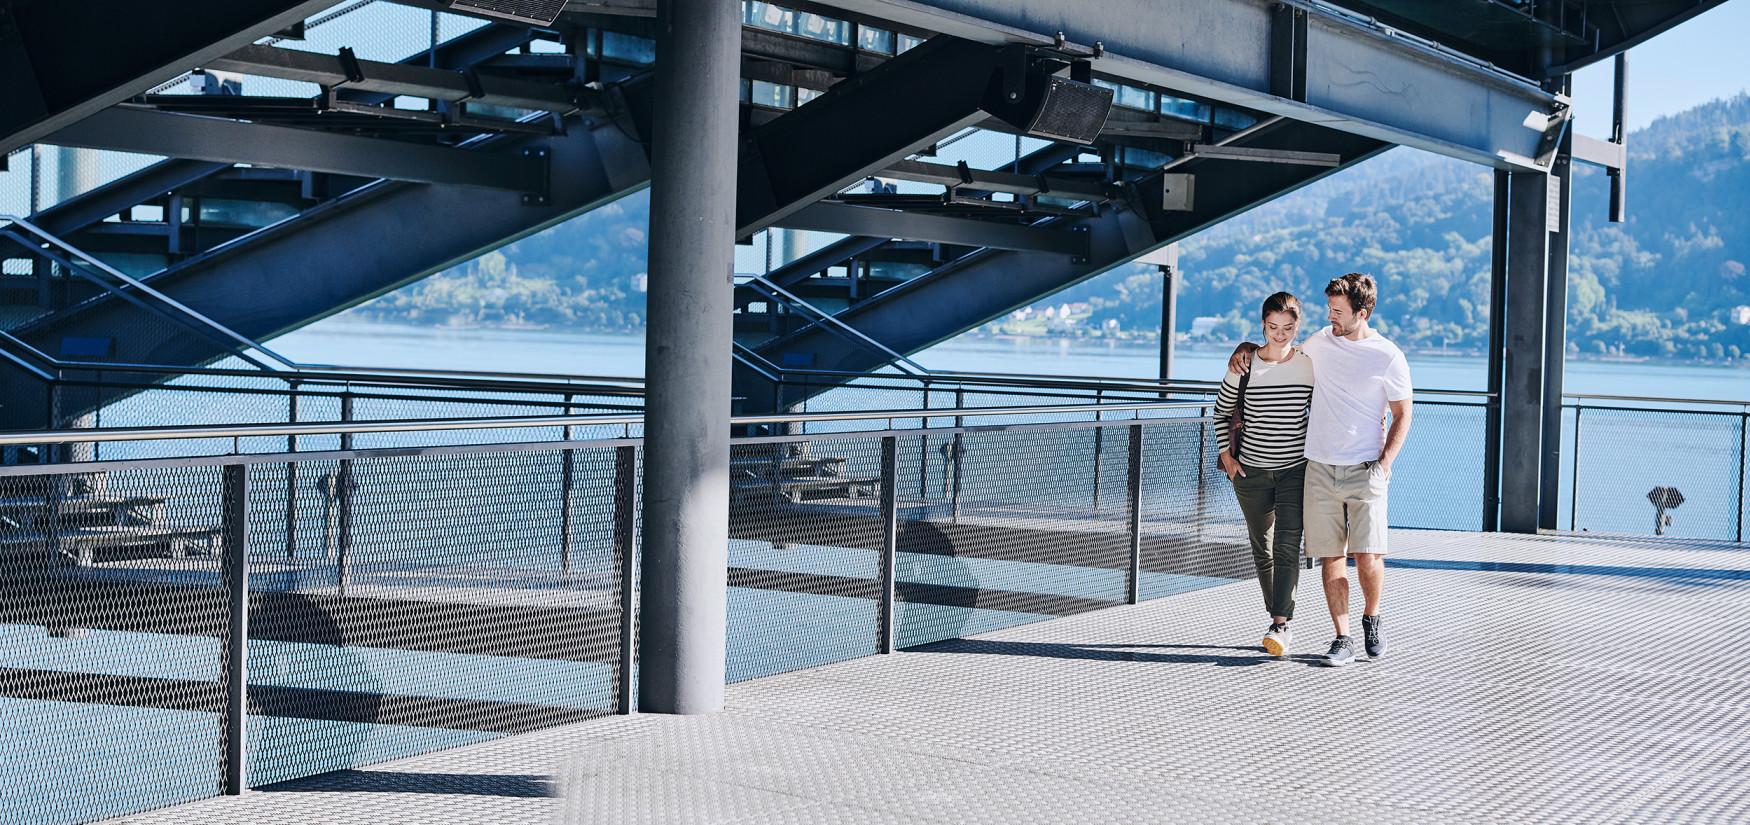 Er is natuurlijk niet meteen een reis naar Amerika nodig om de nieuwe OAKLAND GTX® Ws in de juiste stijl te dragen. Even snel de stad in of een uitgebreide wandeling in het park zijn meer dan voldoende. Globetrotters zijn zo perfect uitgerust voor het volgende stadsavontuur.